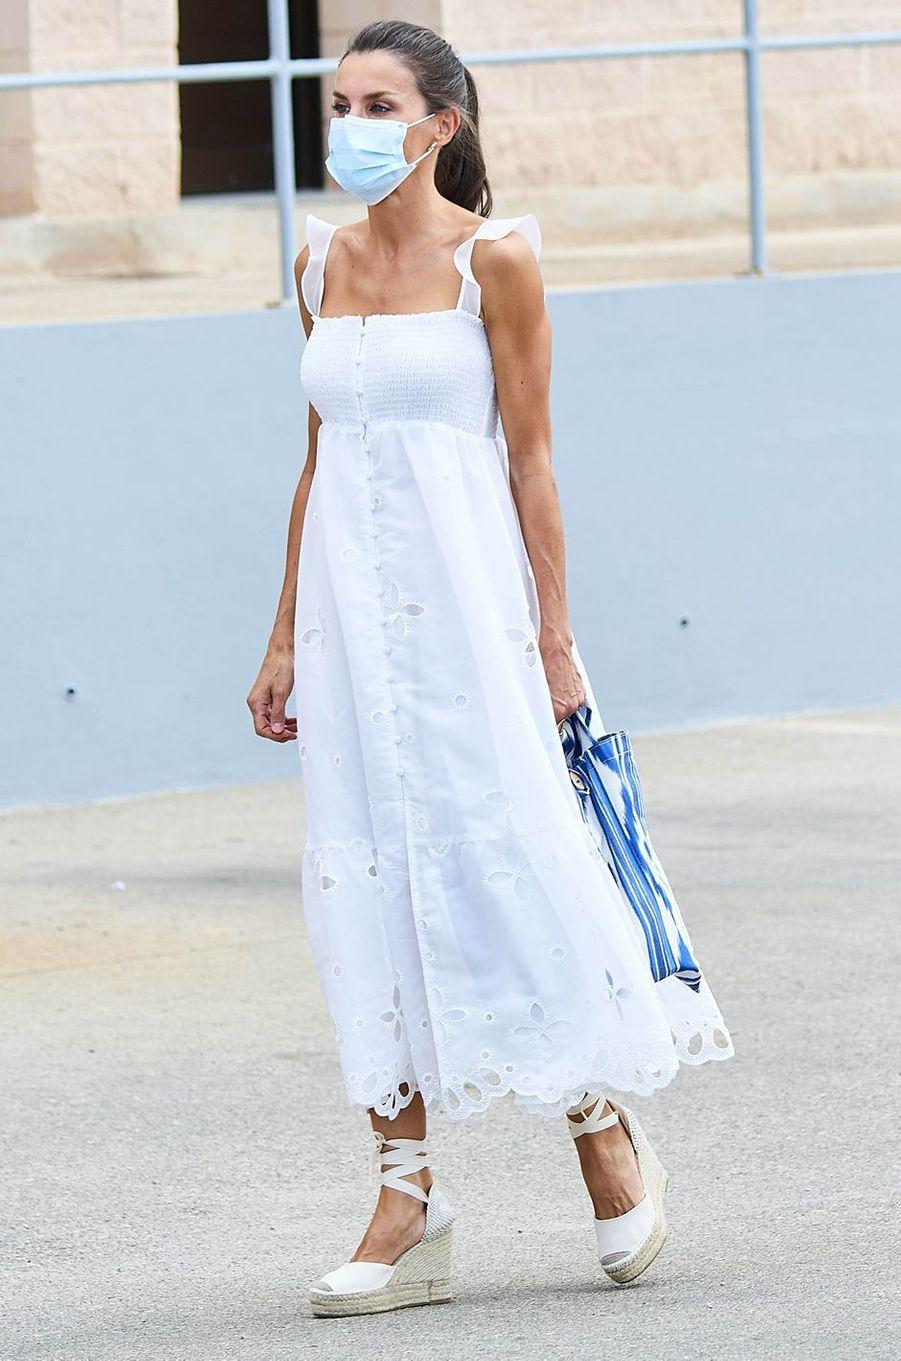 La reine Letizia d'Espagne dans une robe Uterqüe sur l'île de Minorque, le 13 août 2020